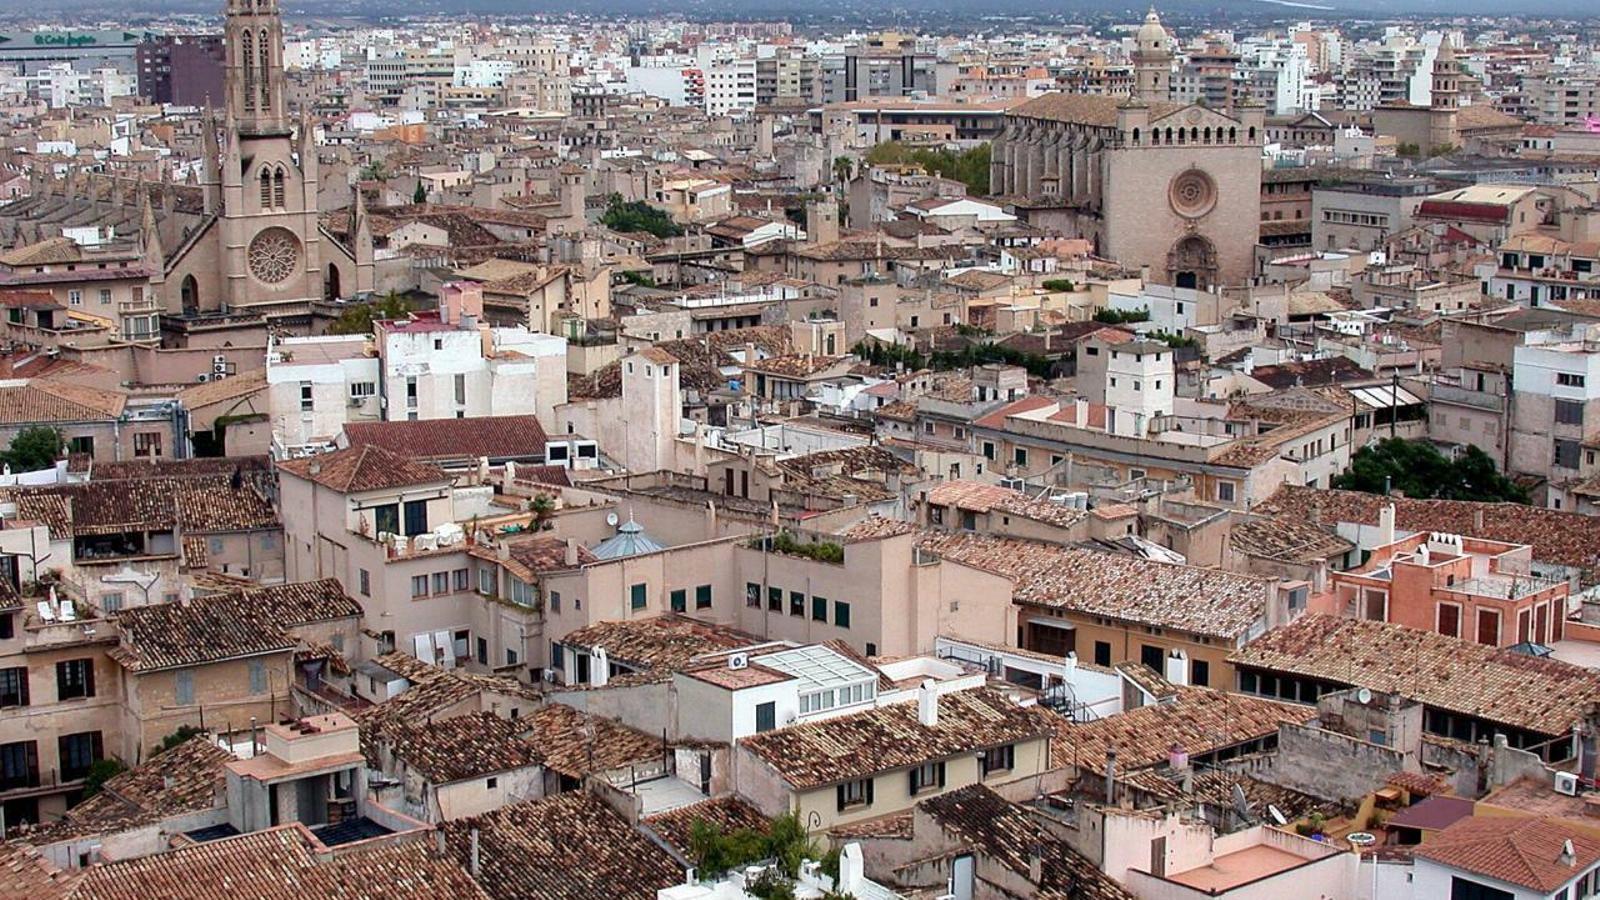 El pisos a Palma ja costen un 25% més que abans de la crisi immobiliària